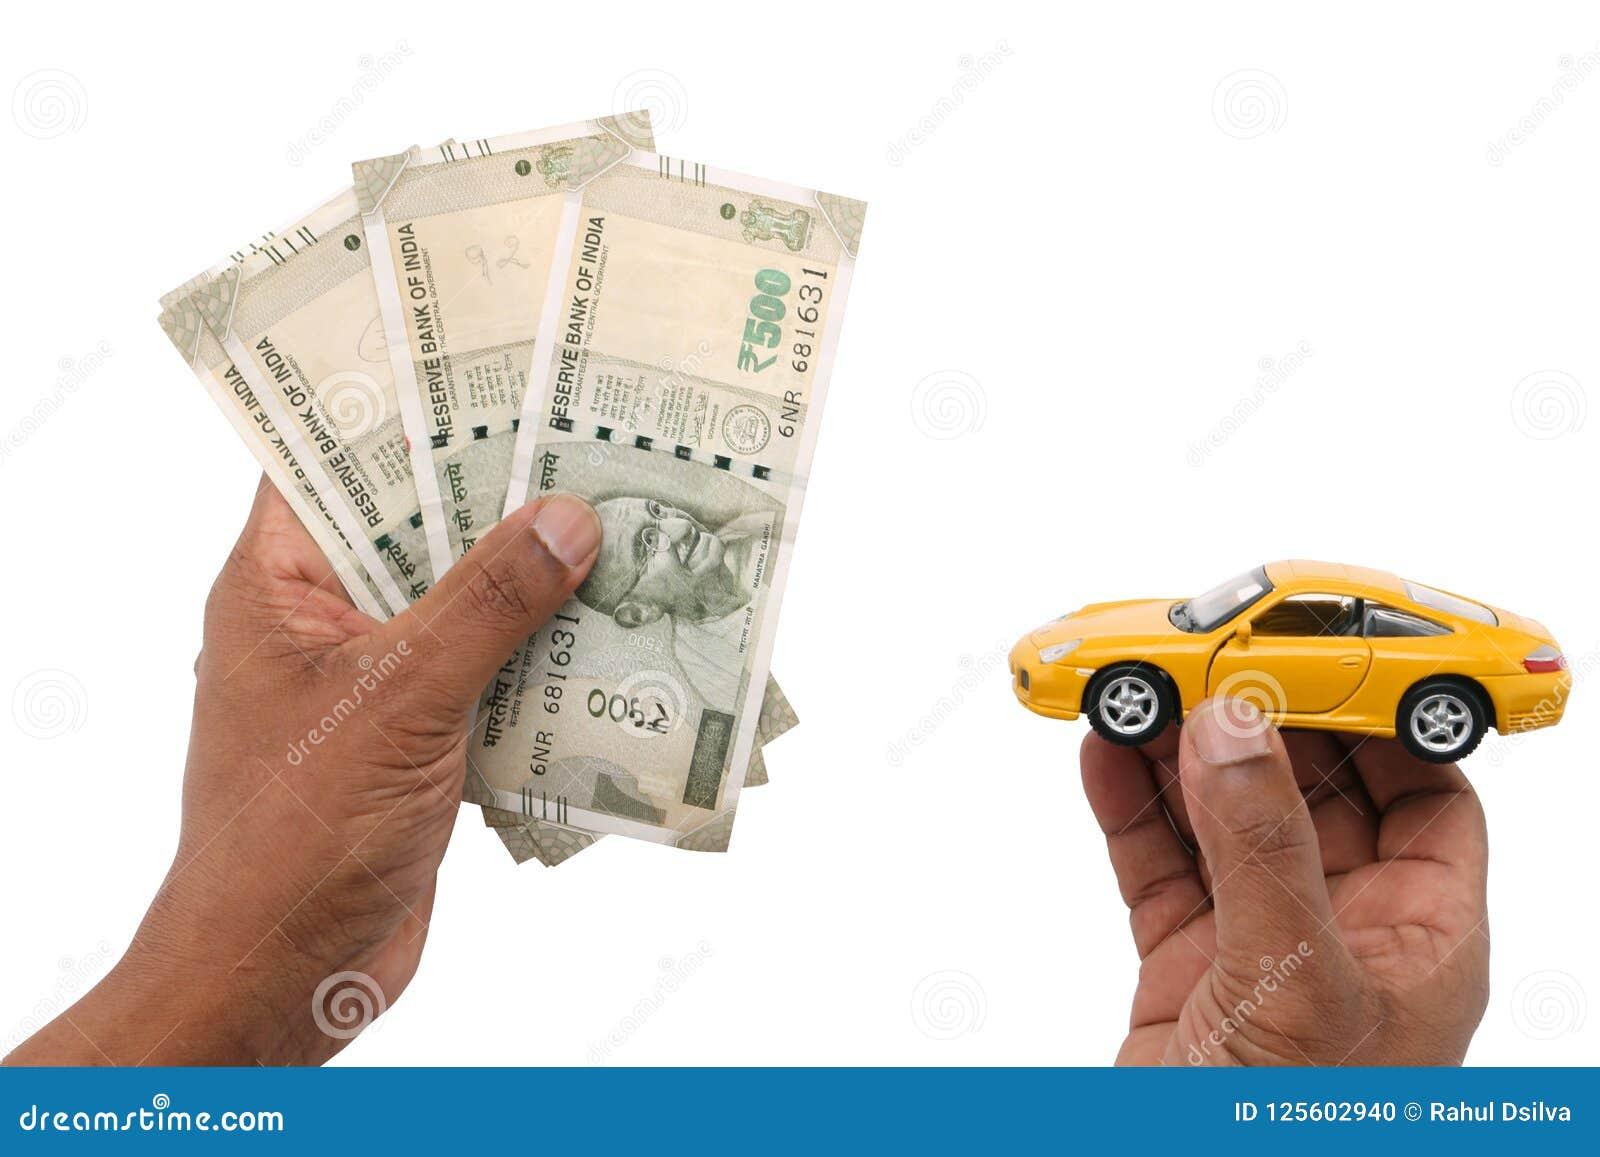 Notas Del Moneda Indios Juguete El Y En La Concepto Coche De vnw8mO0N